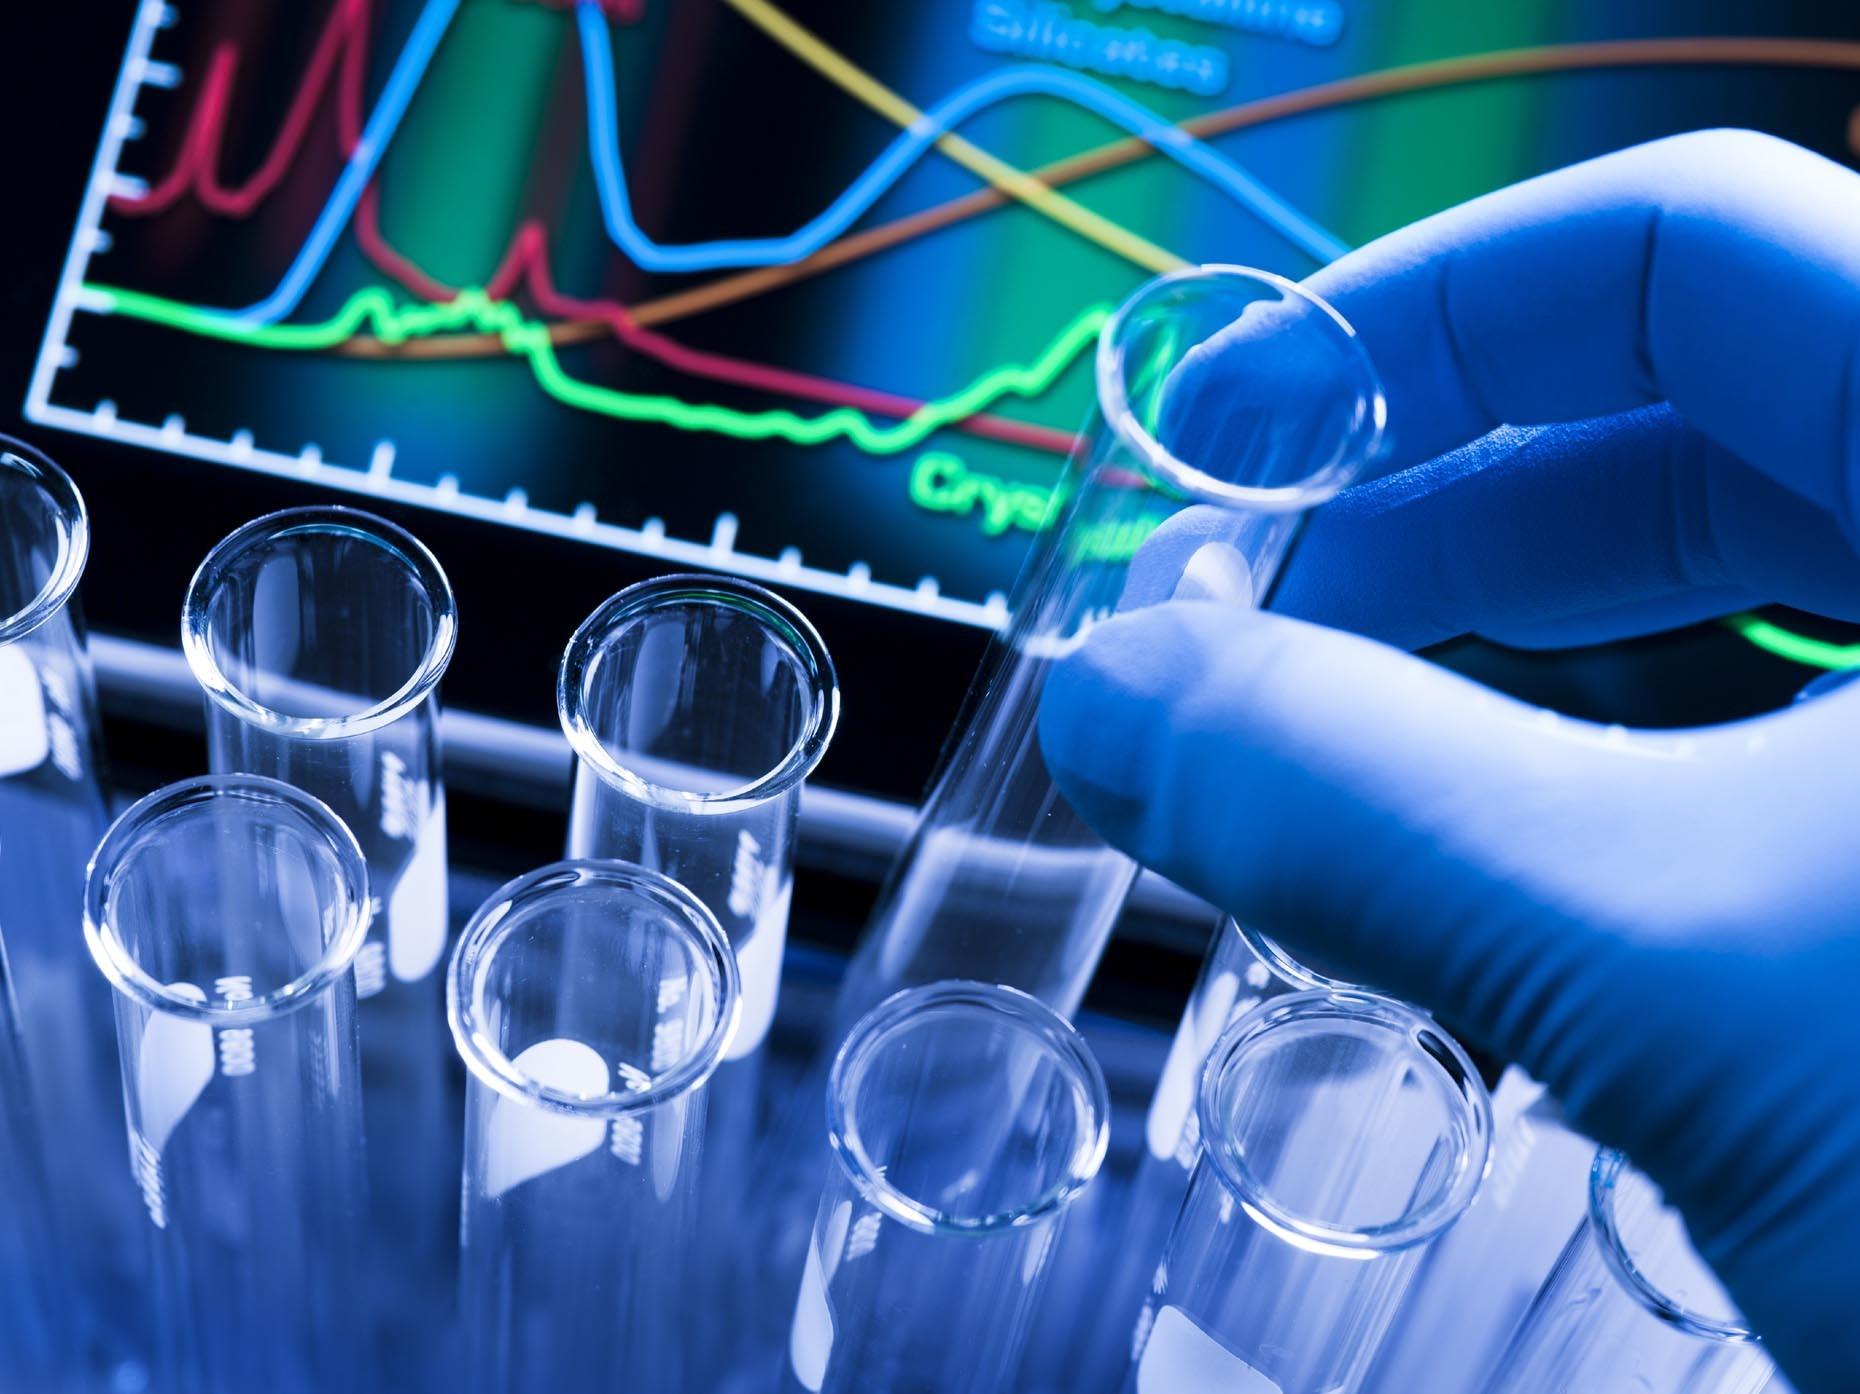 В Российской Федерации официально разрешено использовать клеточную терапию